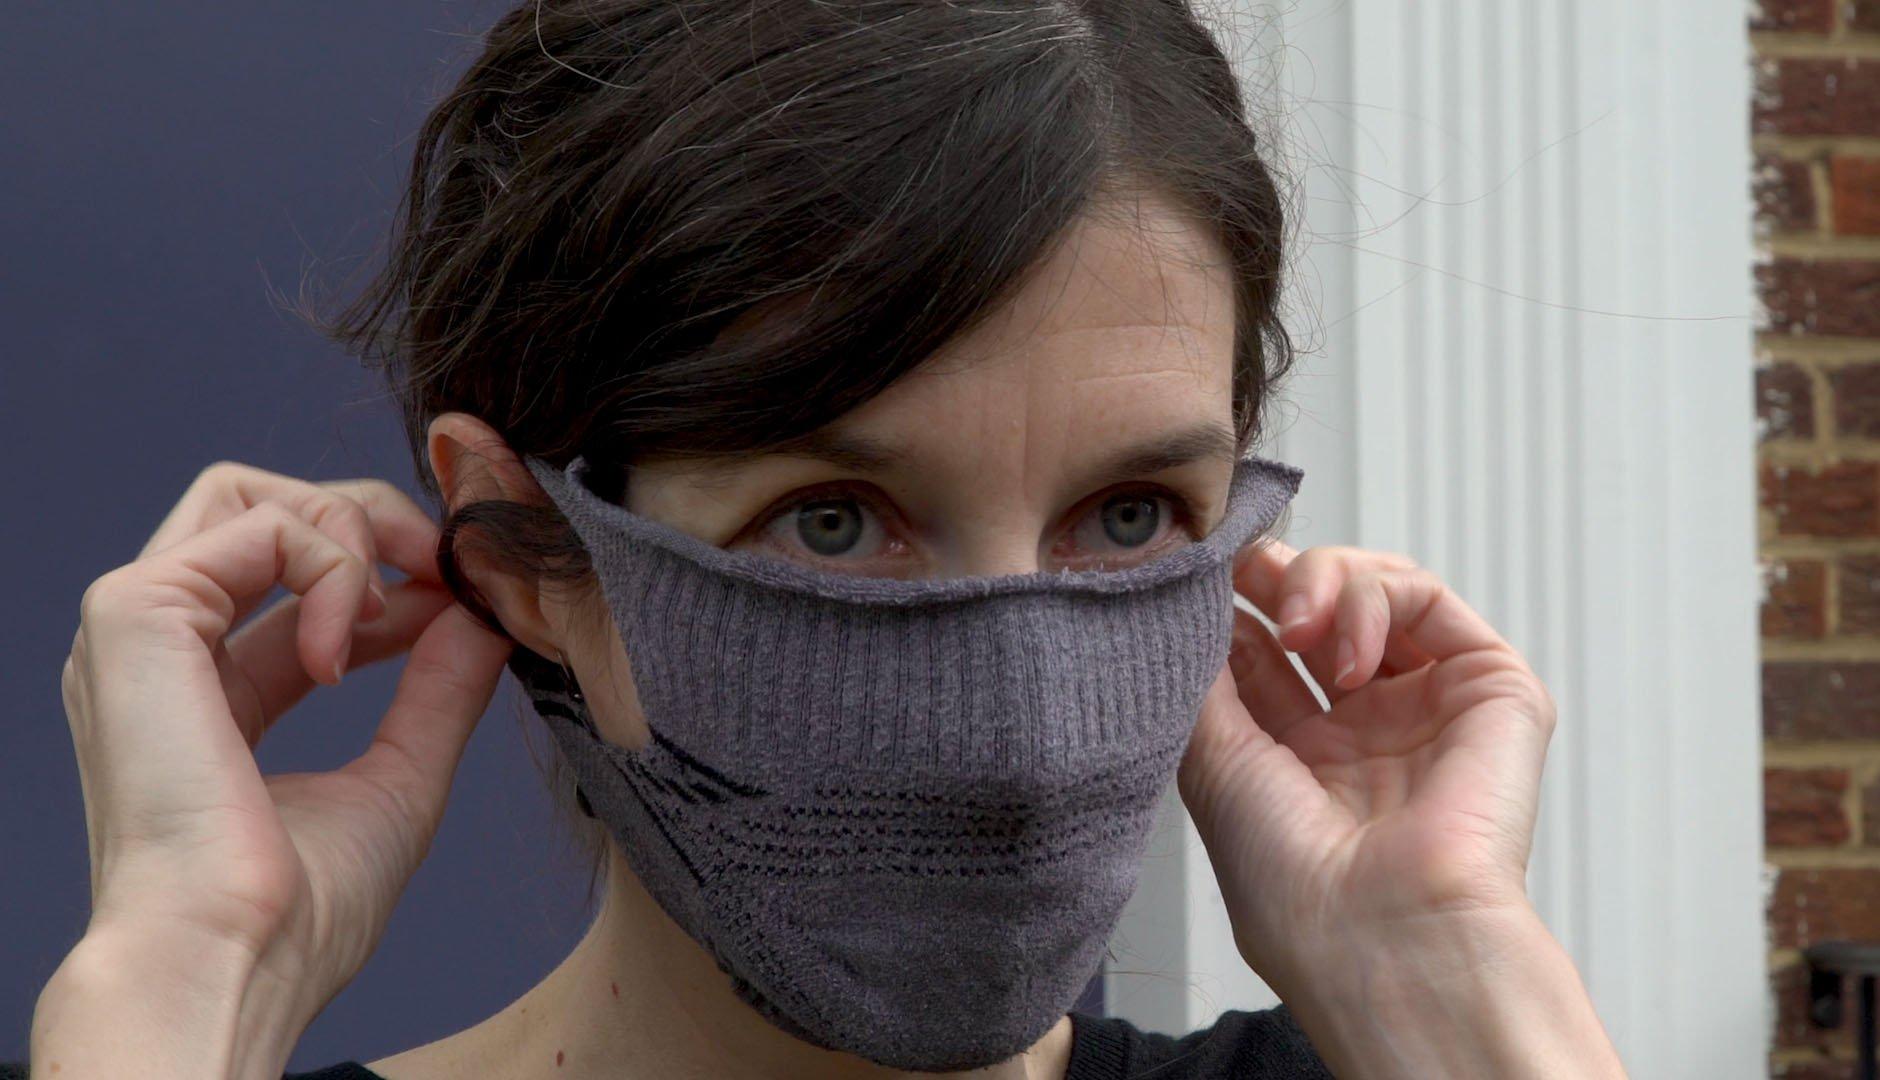 Una mujer con una mascarilla hecha de una media